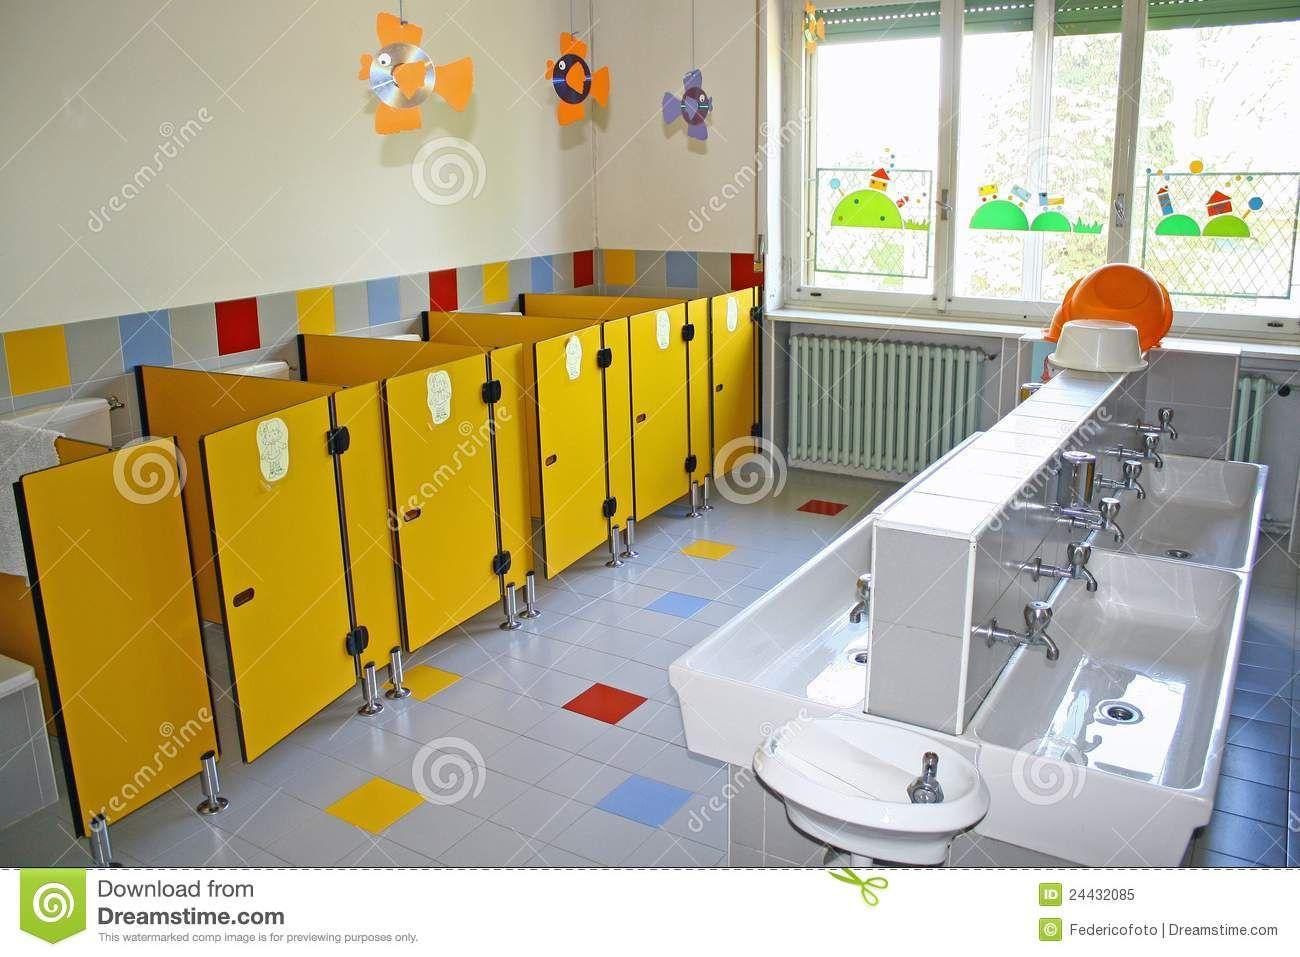 Bathroom toilet small sinks asylum 1 300 957 for Small baths 1300